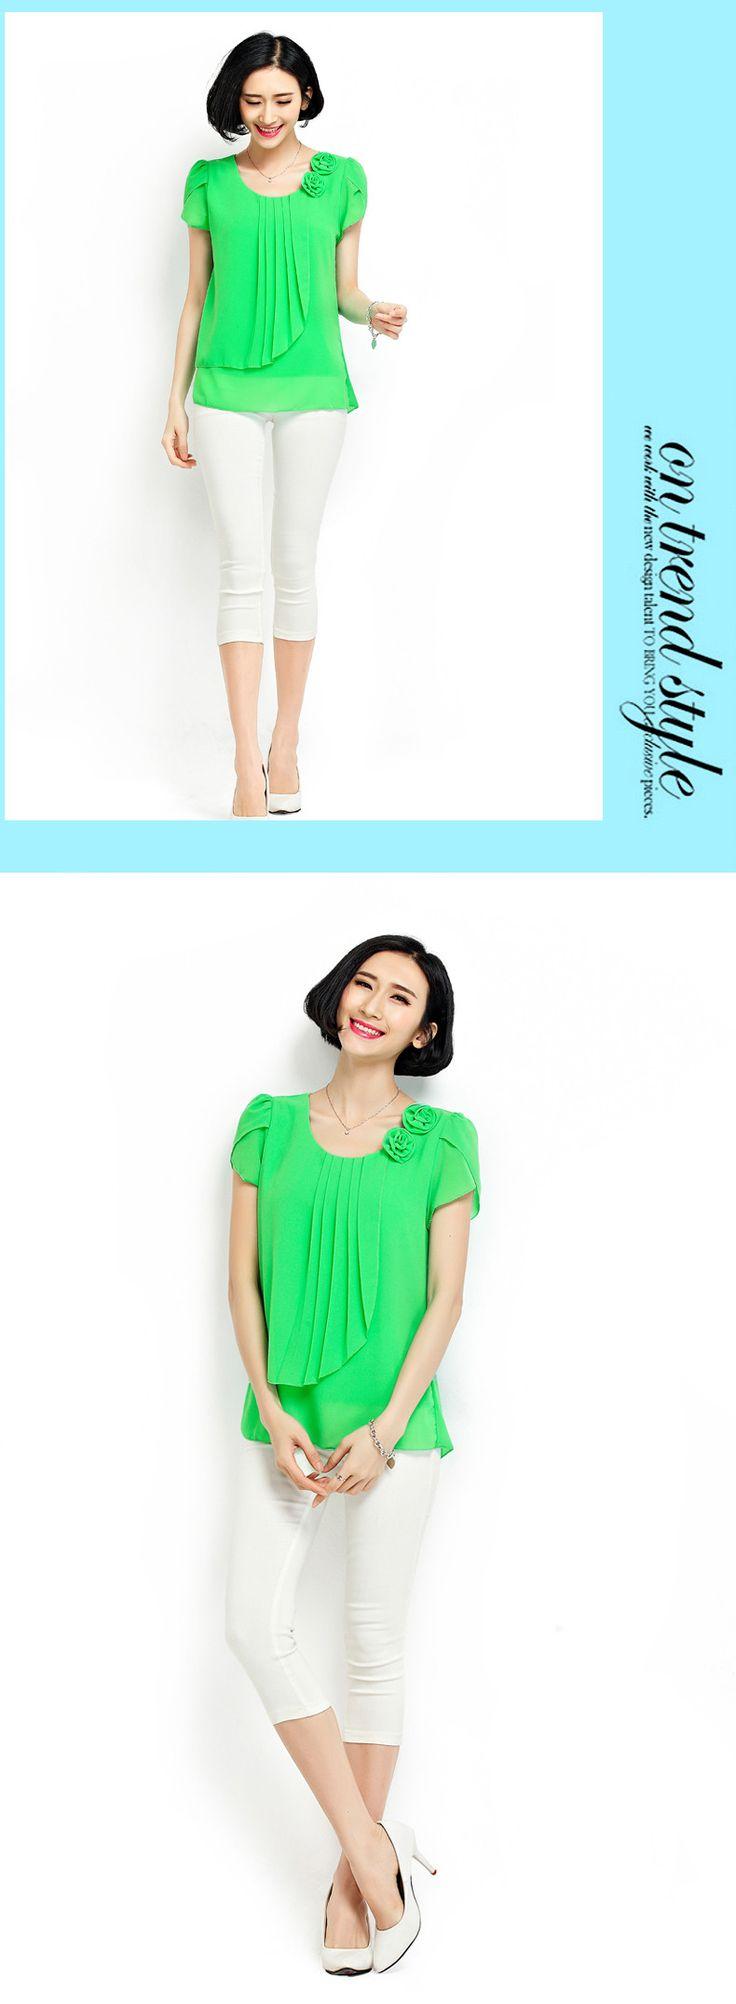 Blusa de chiffon 2016 verão tops mulheres camisas Blusas soltas Casual O Neck manga Curta camisa blusas plus size blusas feminina 4XL em Blusas & Camisas de Das mulheres Roupas & Acessórios no AliExpress.com | Alibaba Group